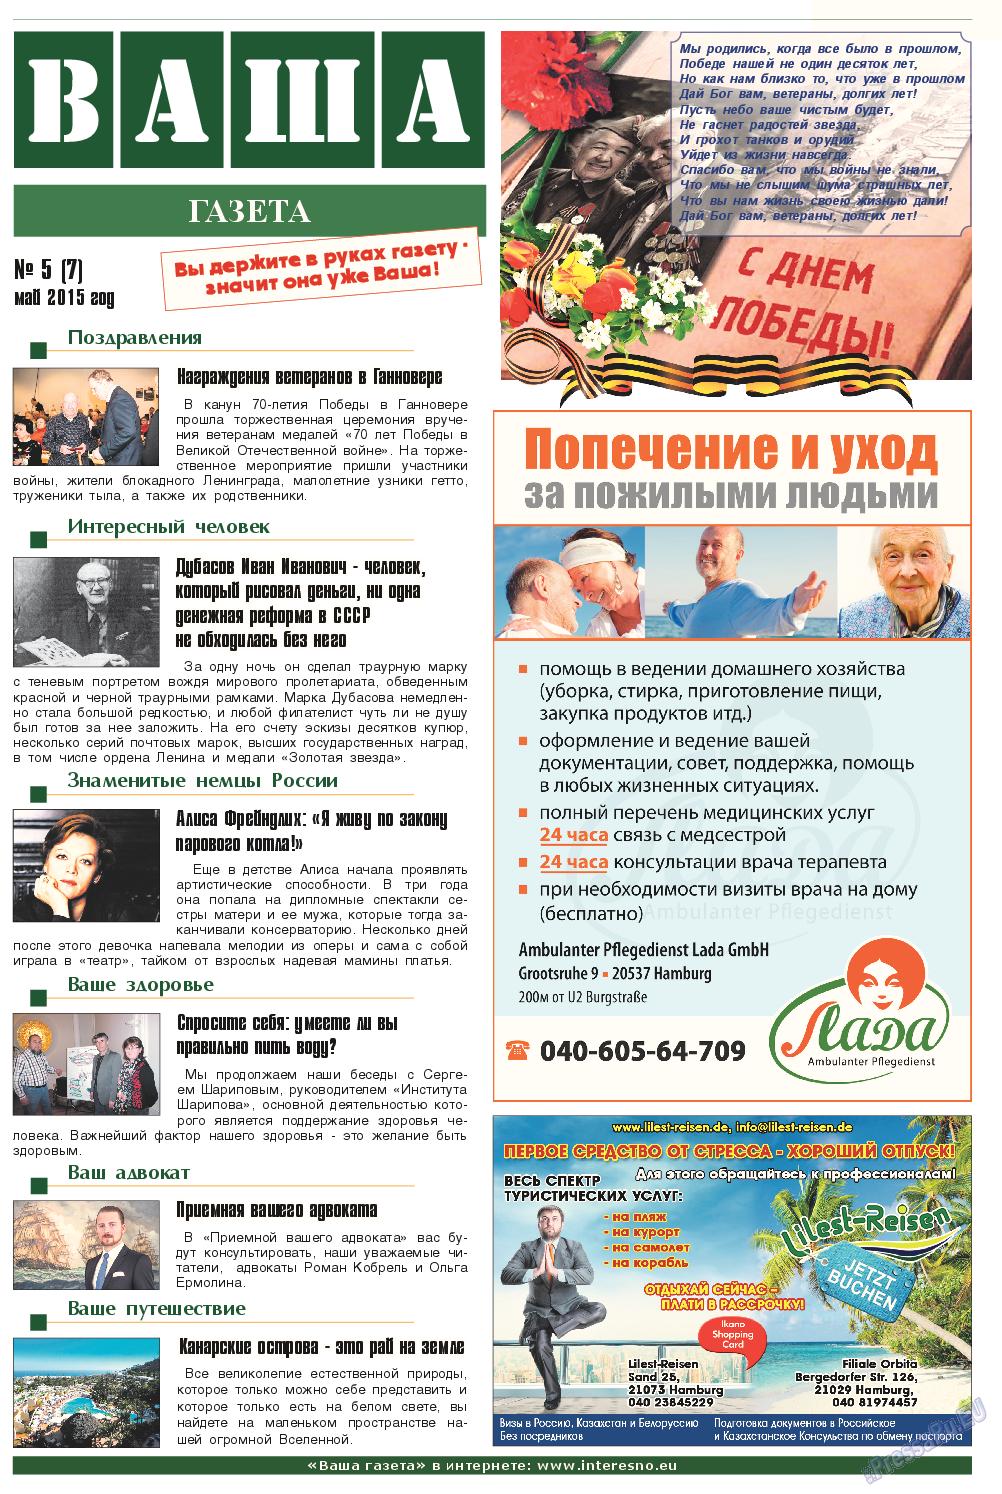 Ваша газета (газета). 2015 год, номер 5, стр. 1